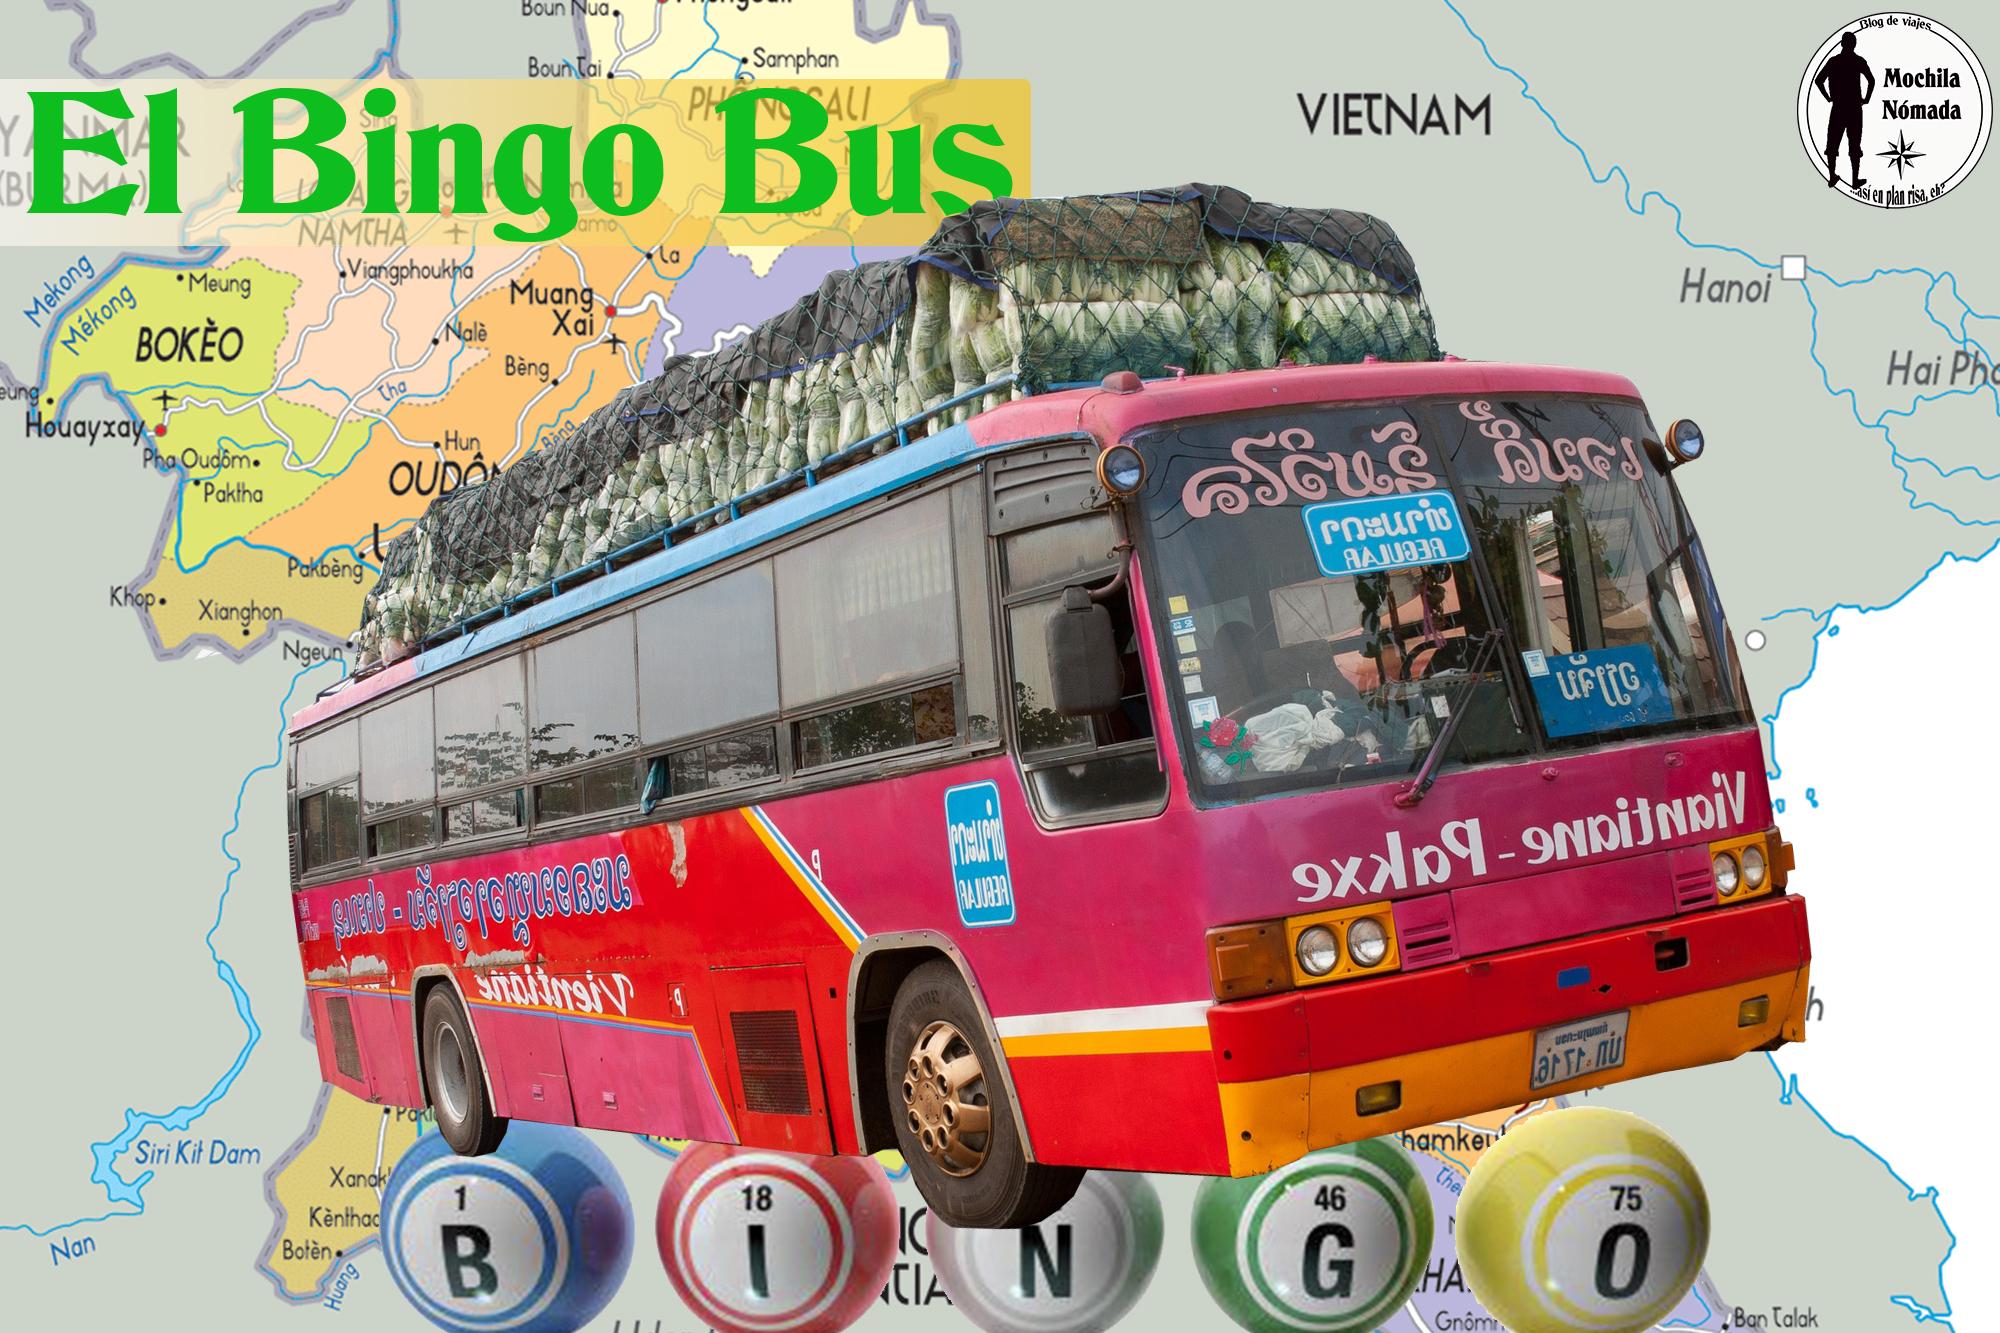 El Bingo-bus … Transporte en Laos WTF?!